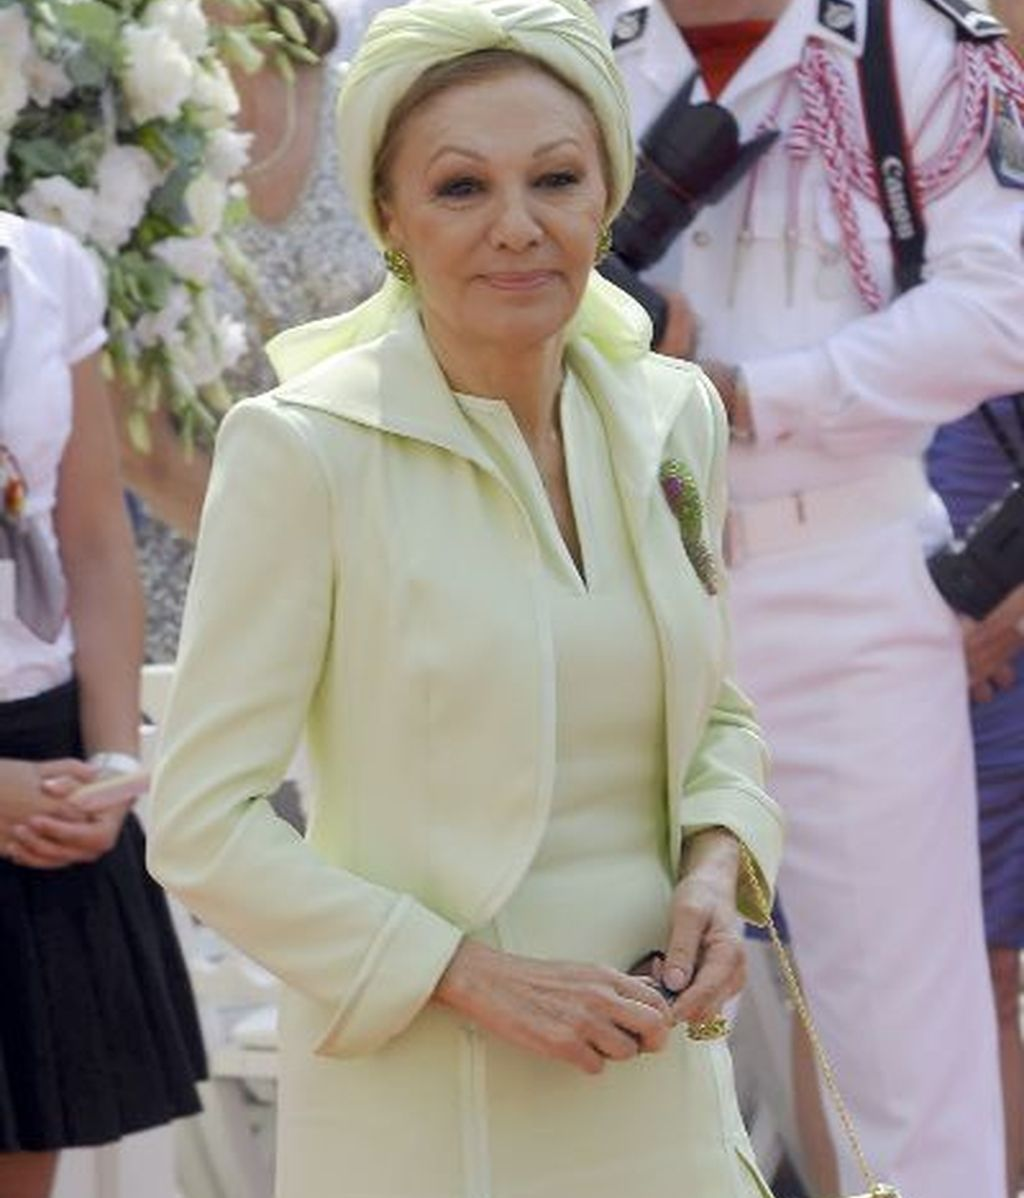 La emperatriz Farah Diba